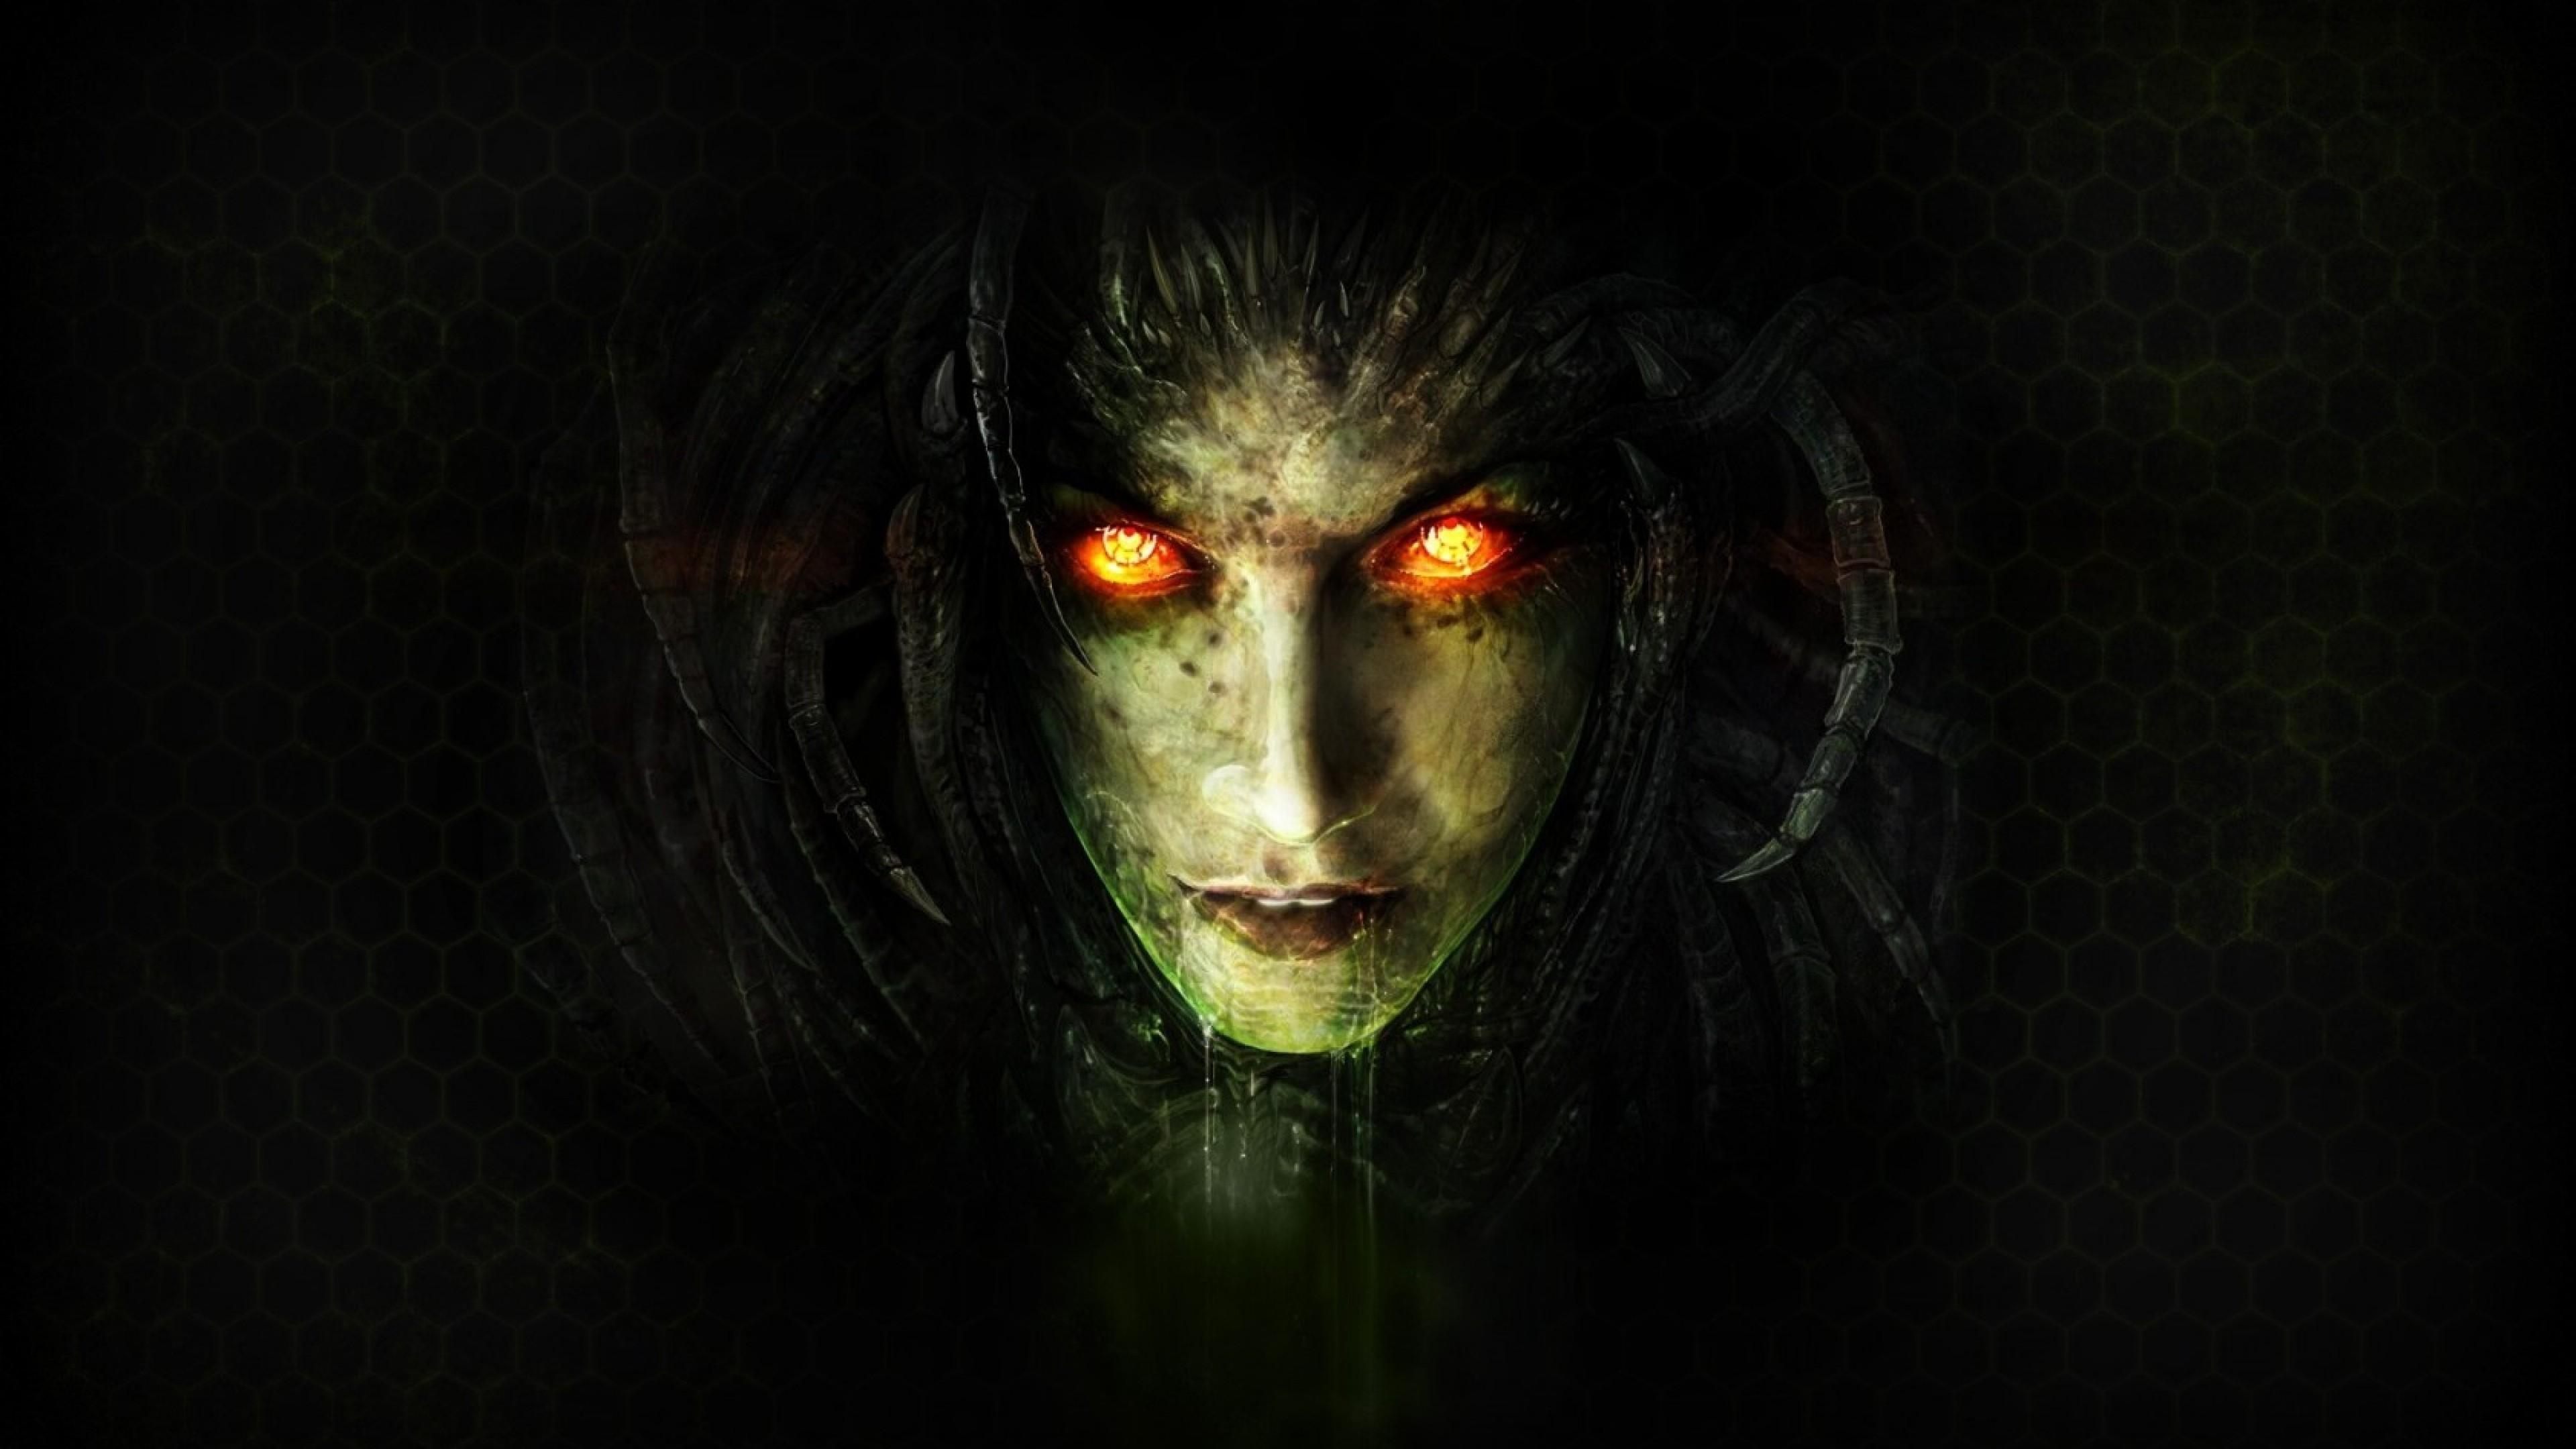 Wallpaper starcraft ii, sarah kerrigan, queen of blades, zerg,  starcraft 2